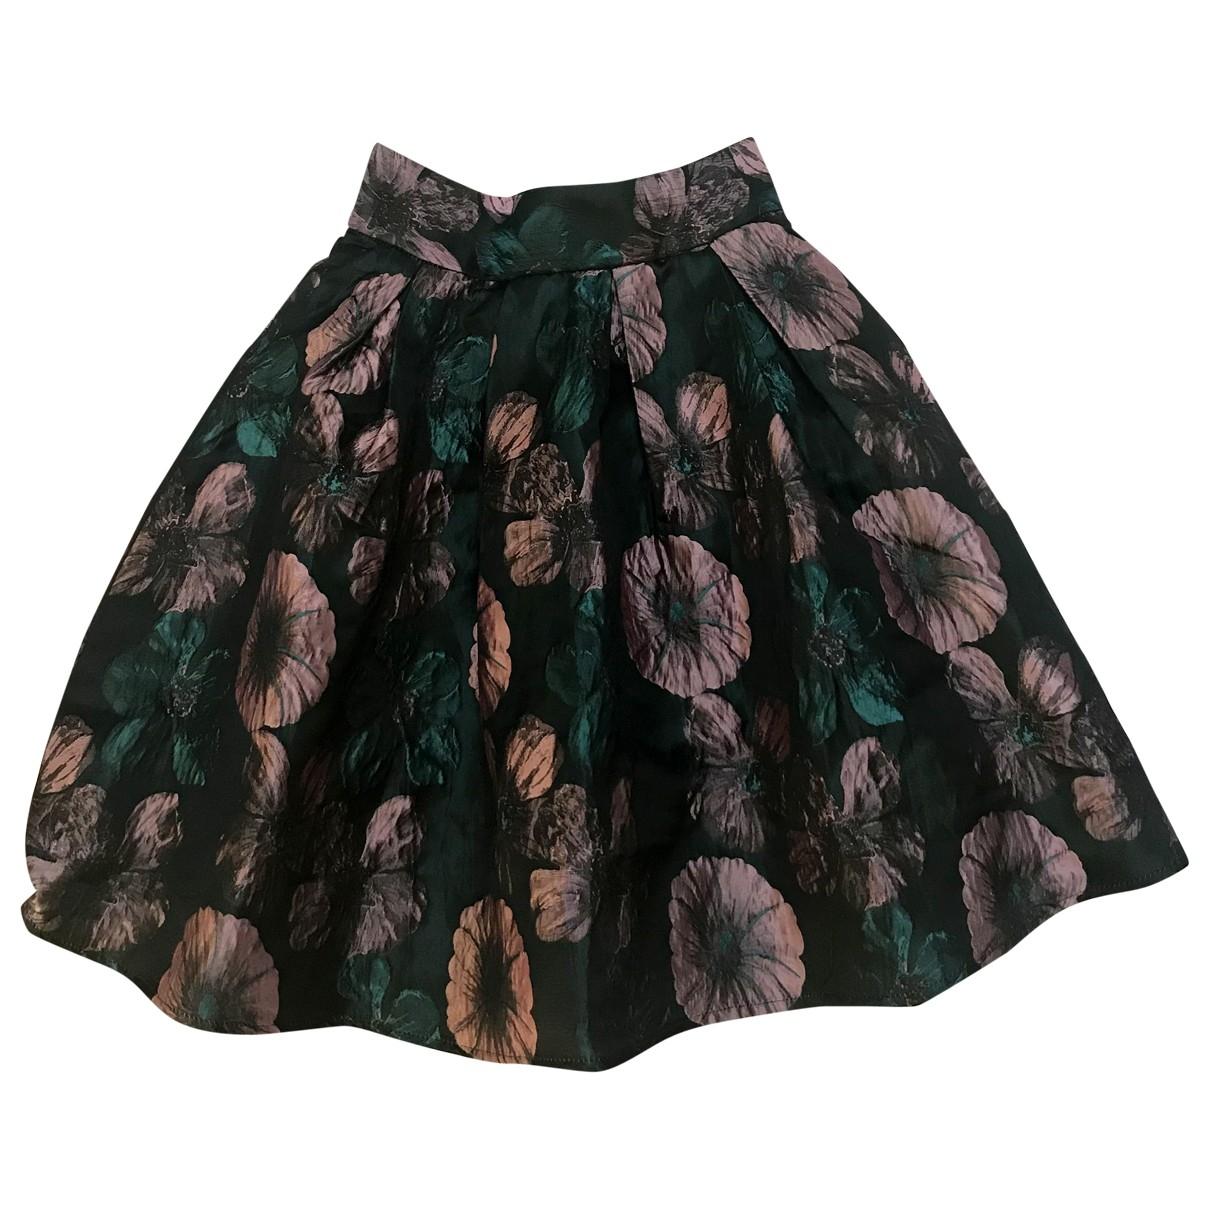 Dior \N Multicolour skirt for Women S International